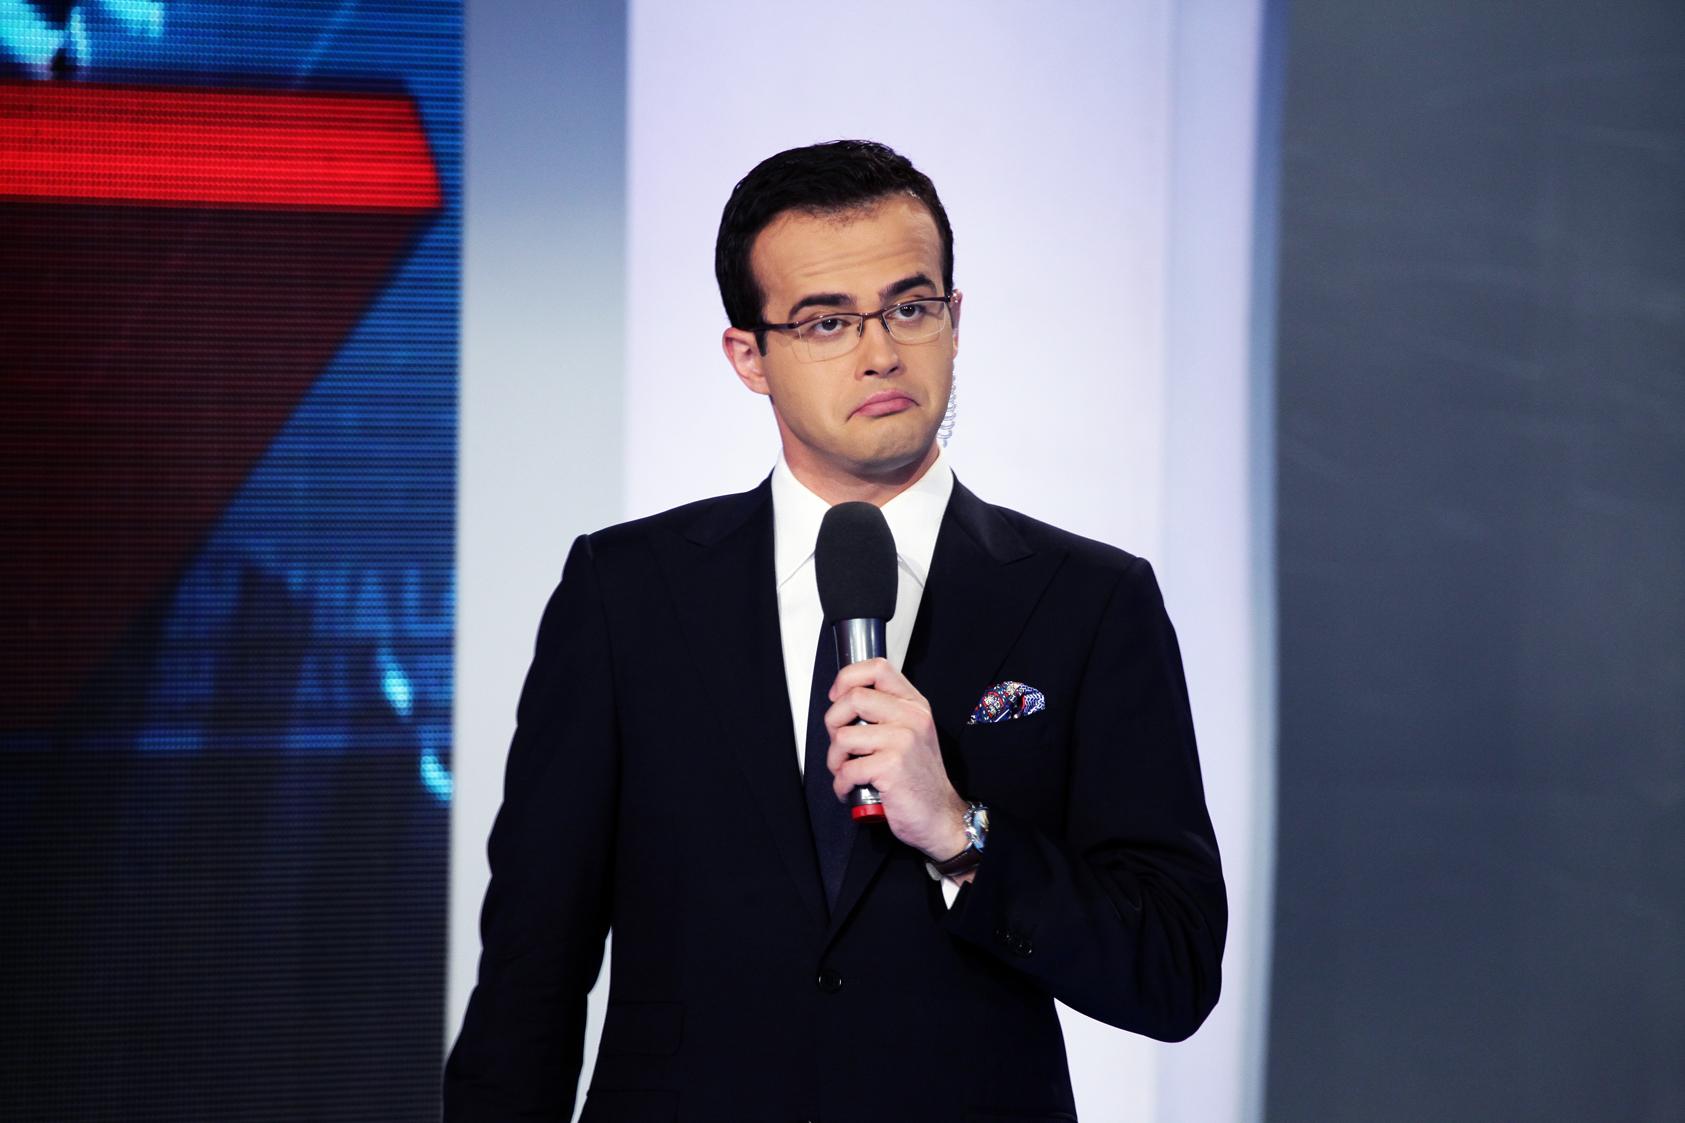 Mihai Gâdea a luat decizia de a muta Antena 3 din actualele sedii